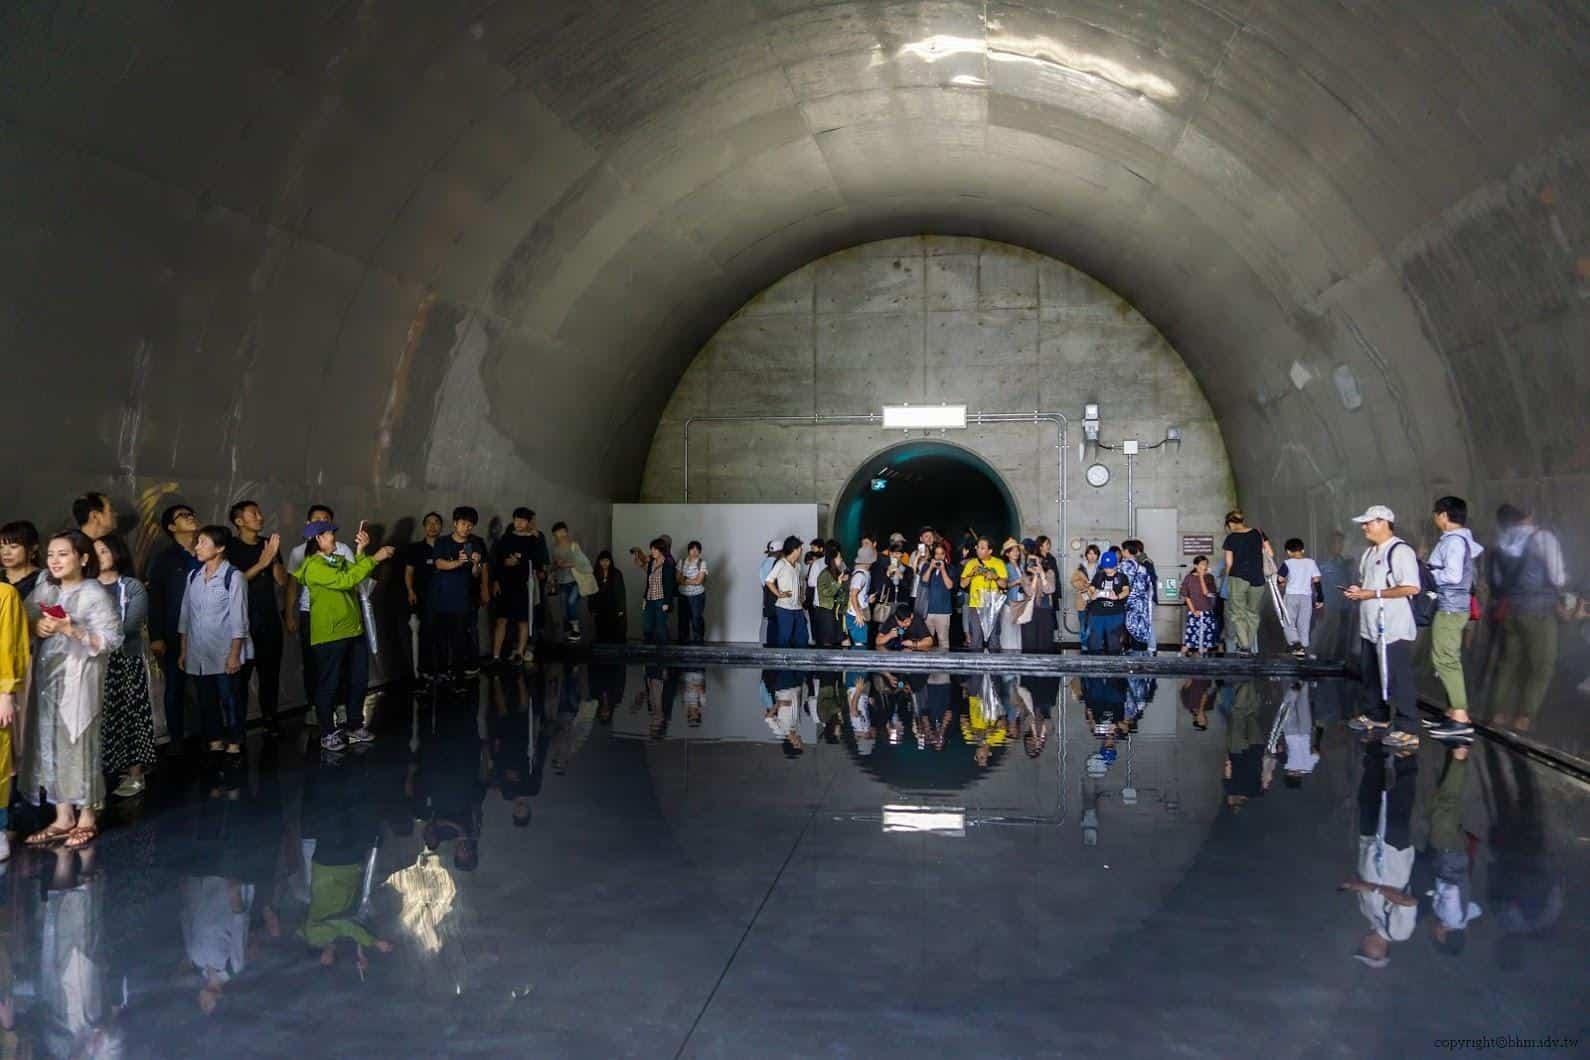 馬岩松,光洞,鏡池—水(第四觀景台),假日人多到滿出來的,人亦在拍攝他人,也變成被拍攝的風景 越後妻有 光洞 periscopelight cave 14